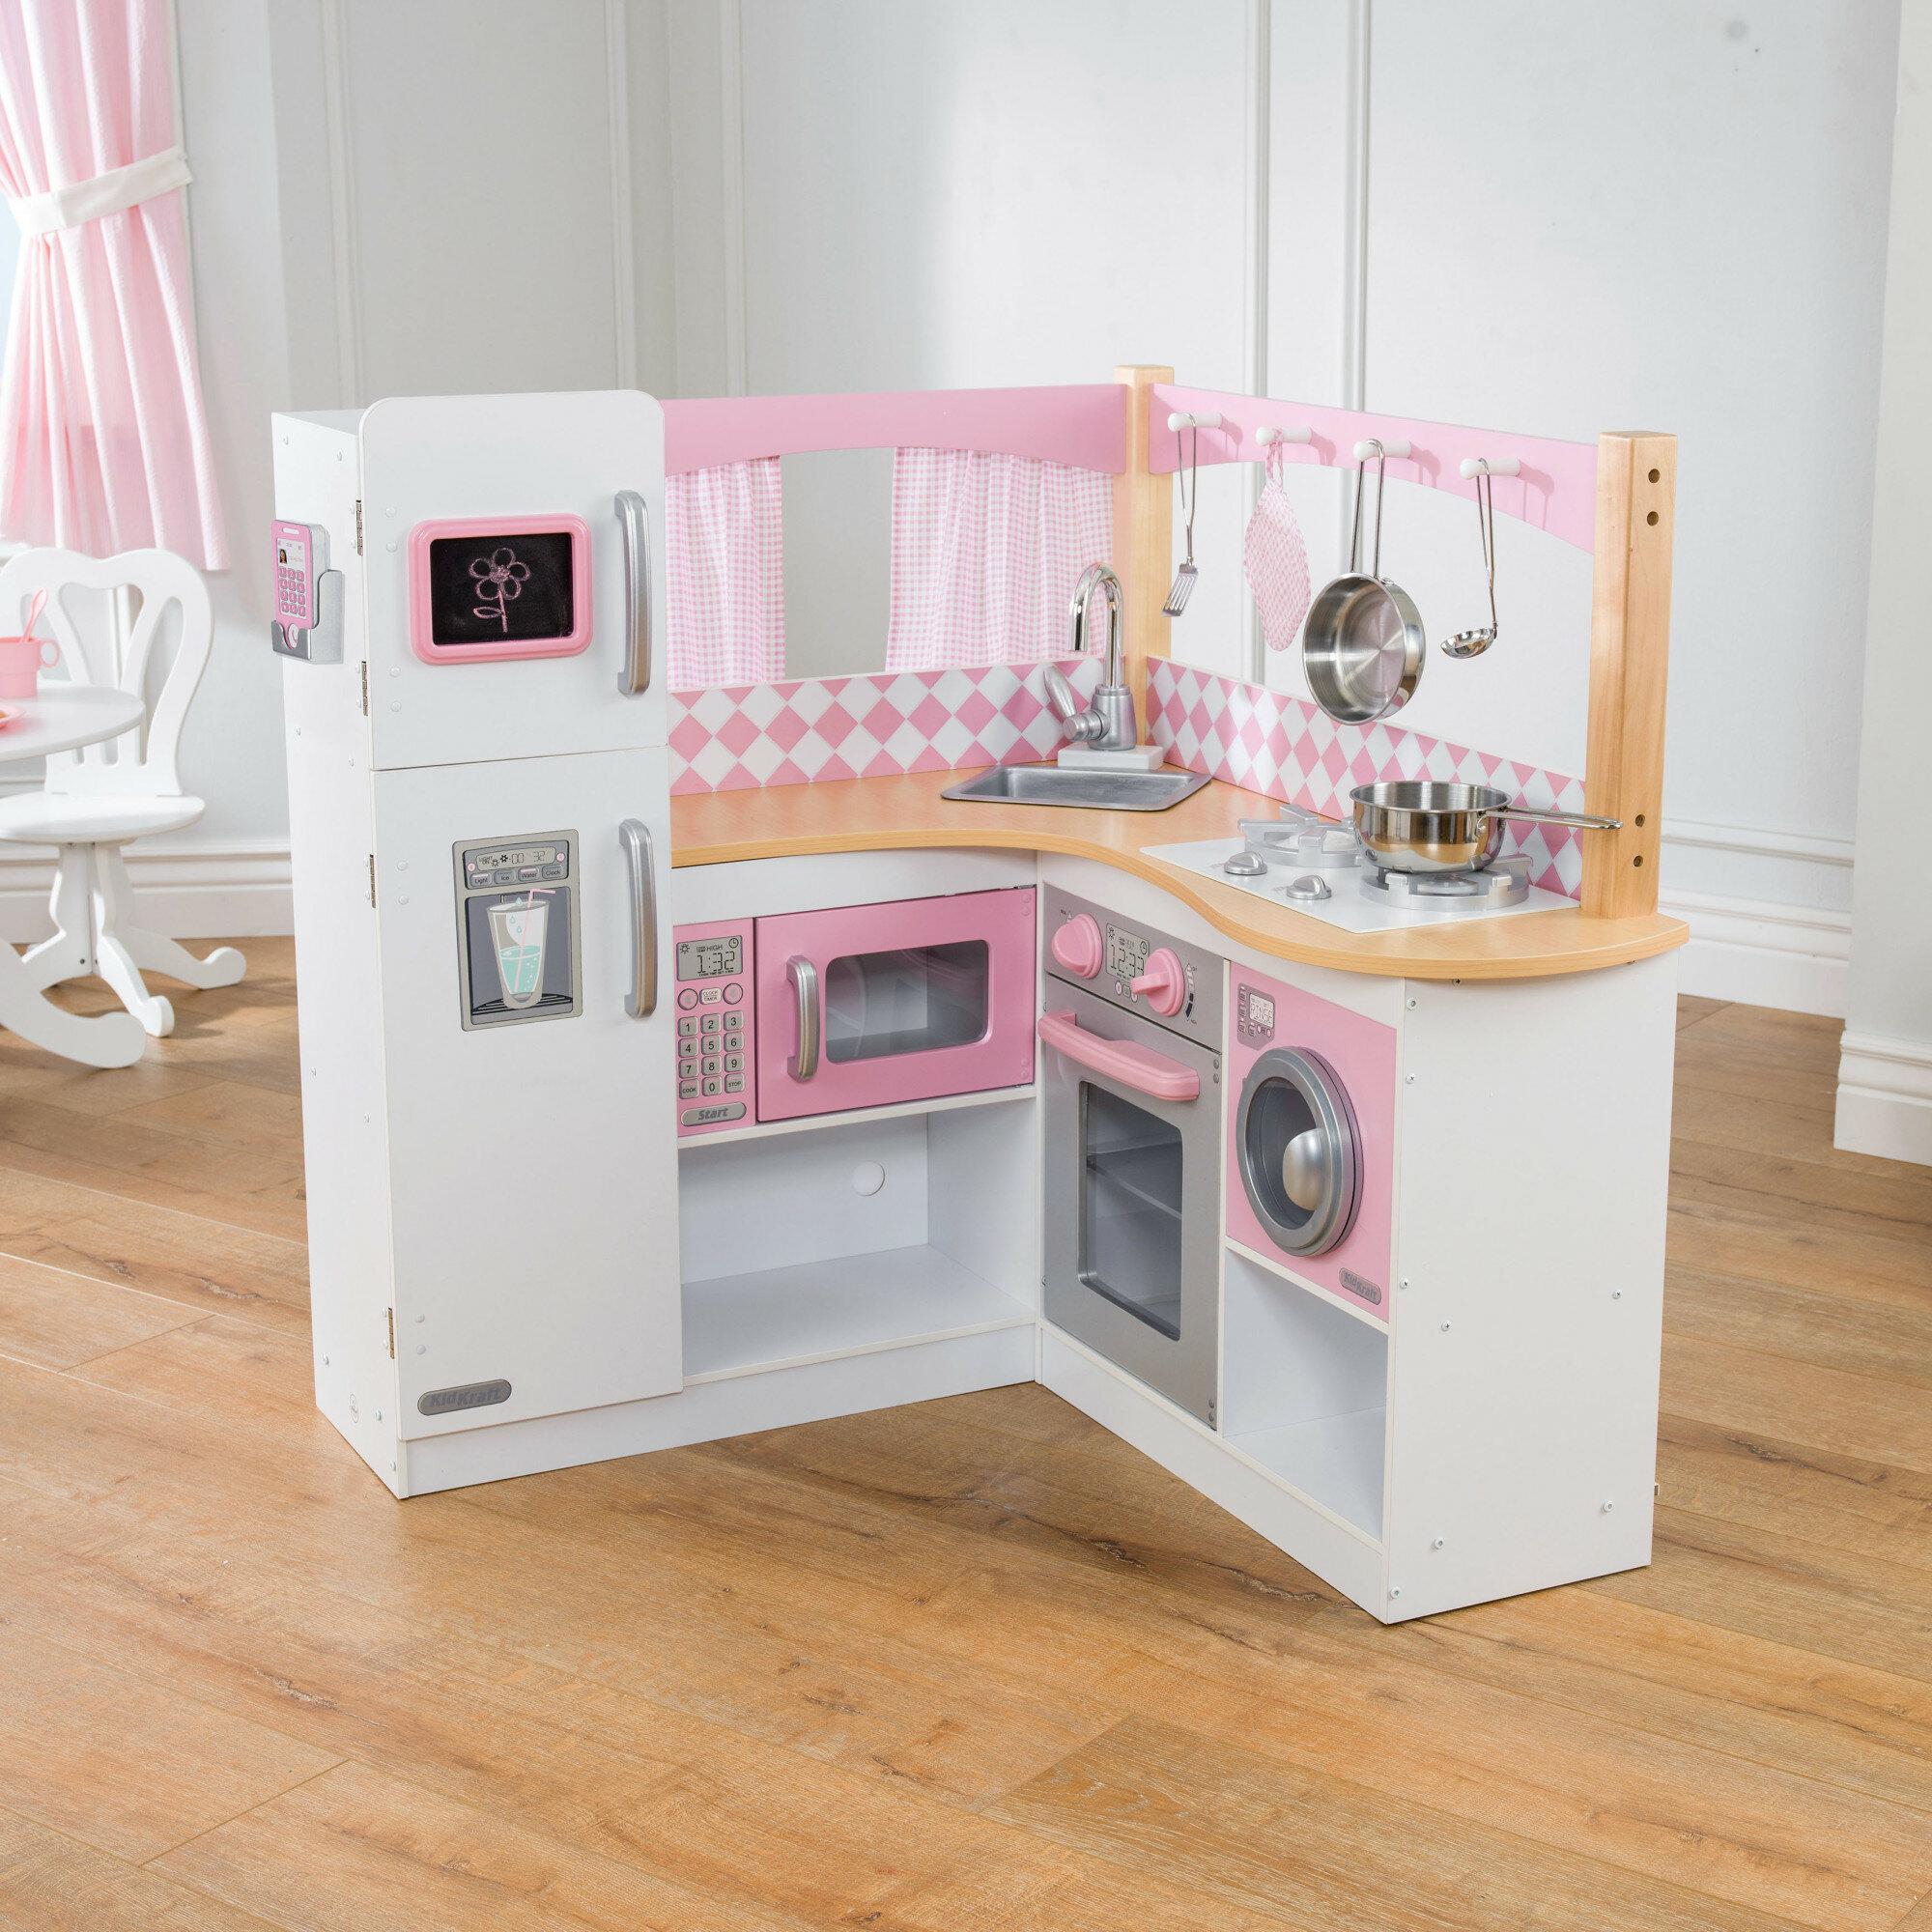 KidKraft Kinderküche Grand Gourmet & Bewertungen